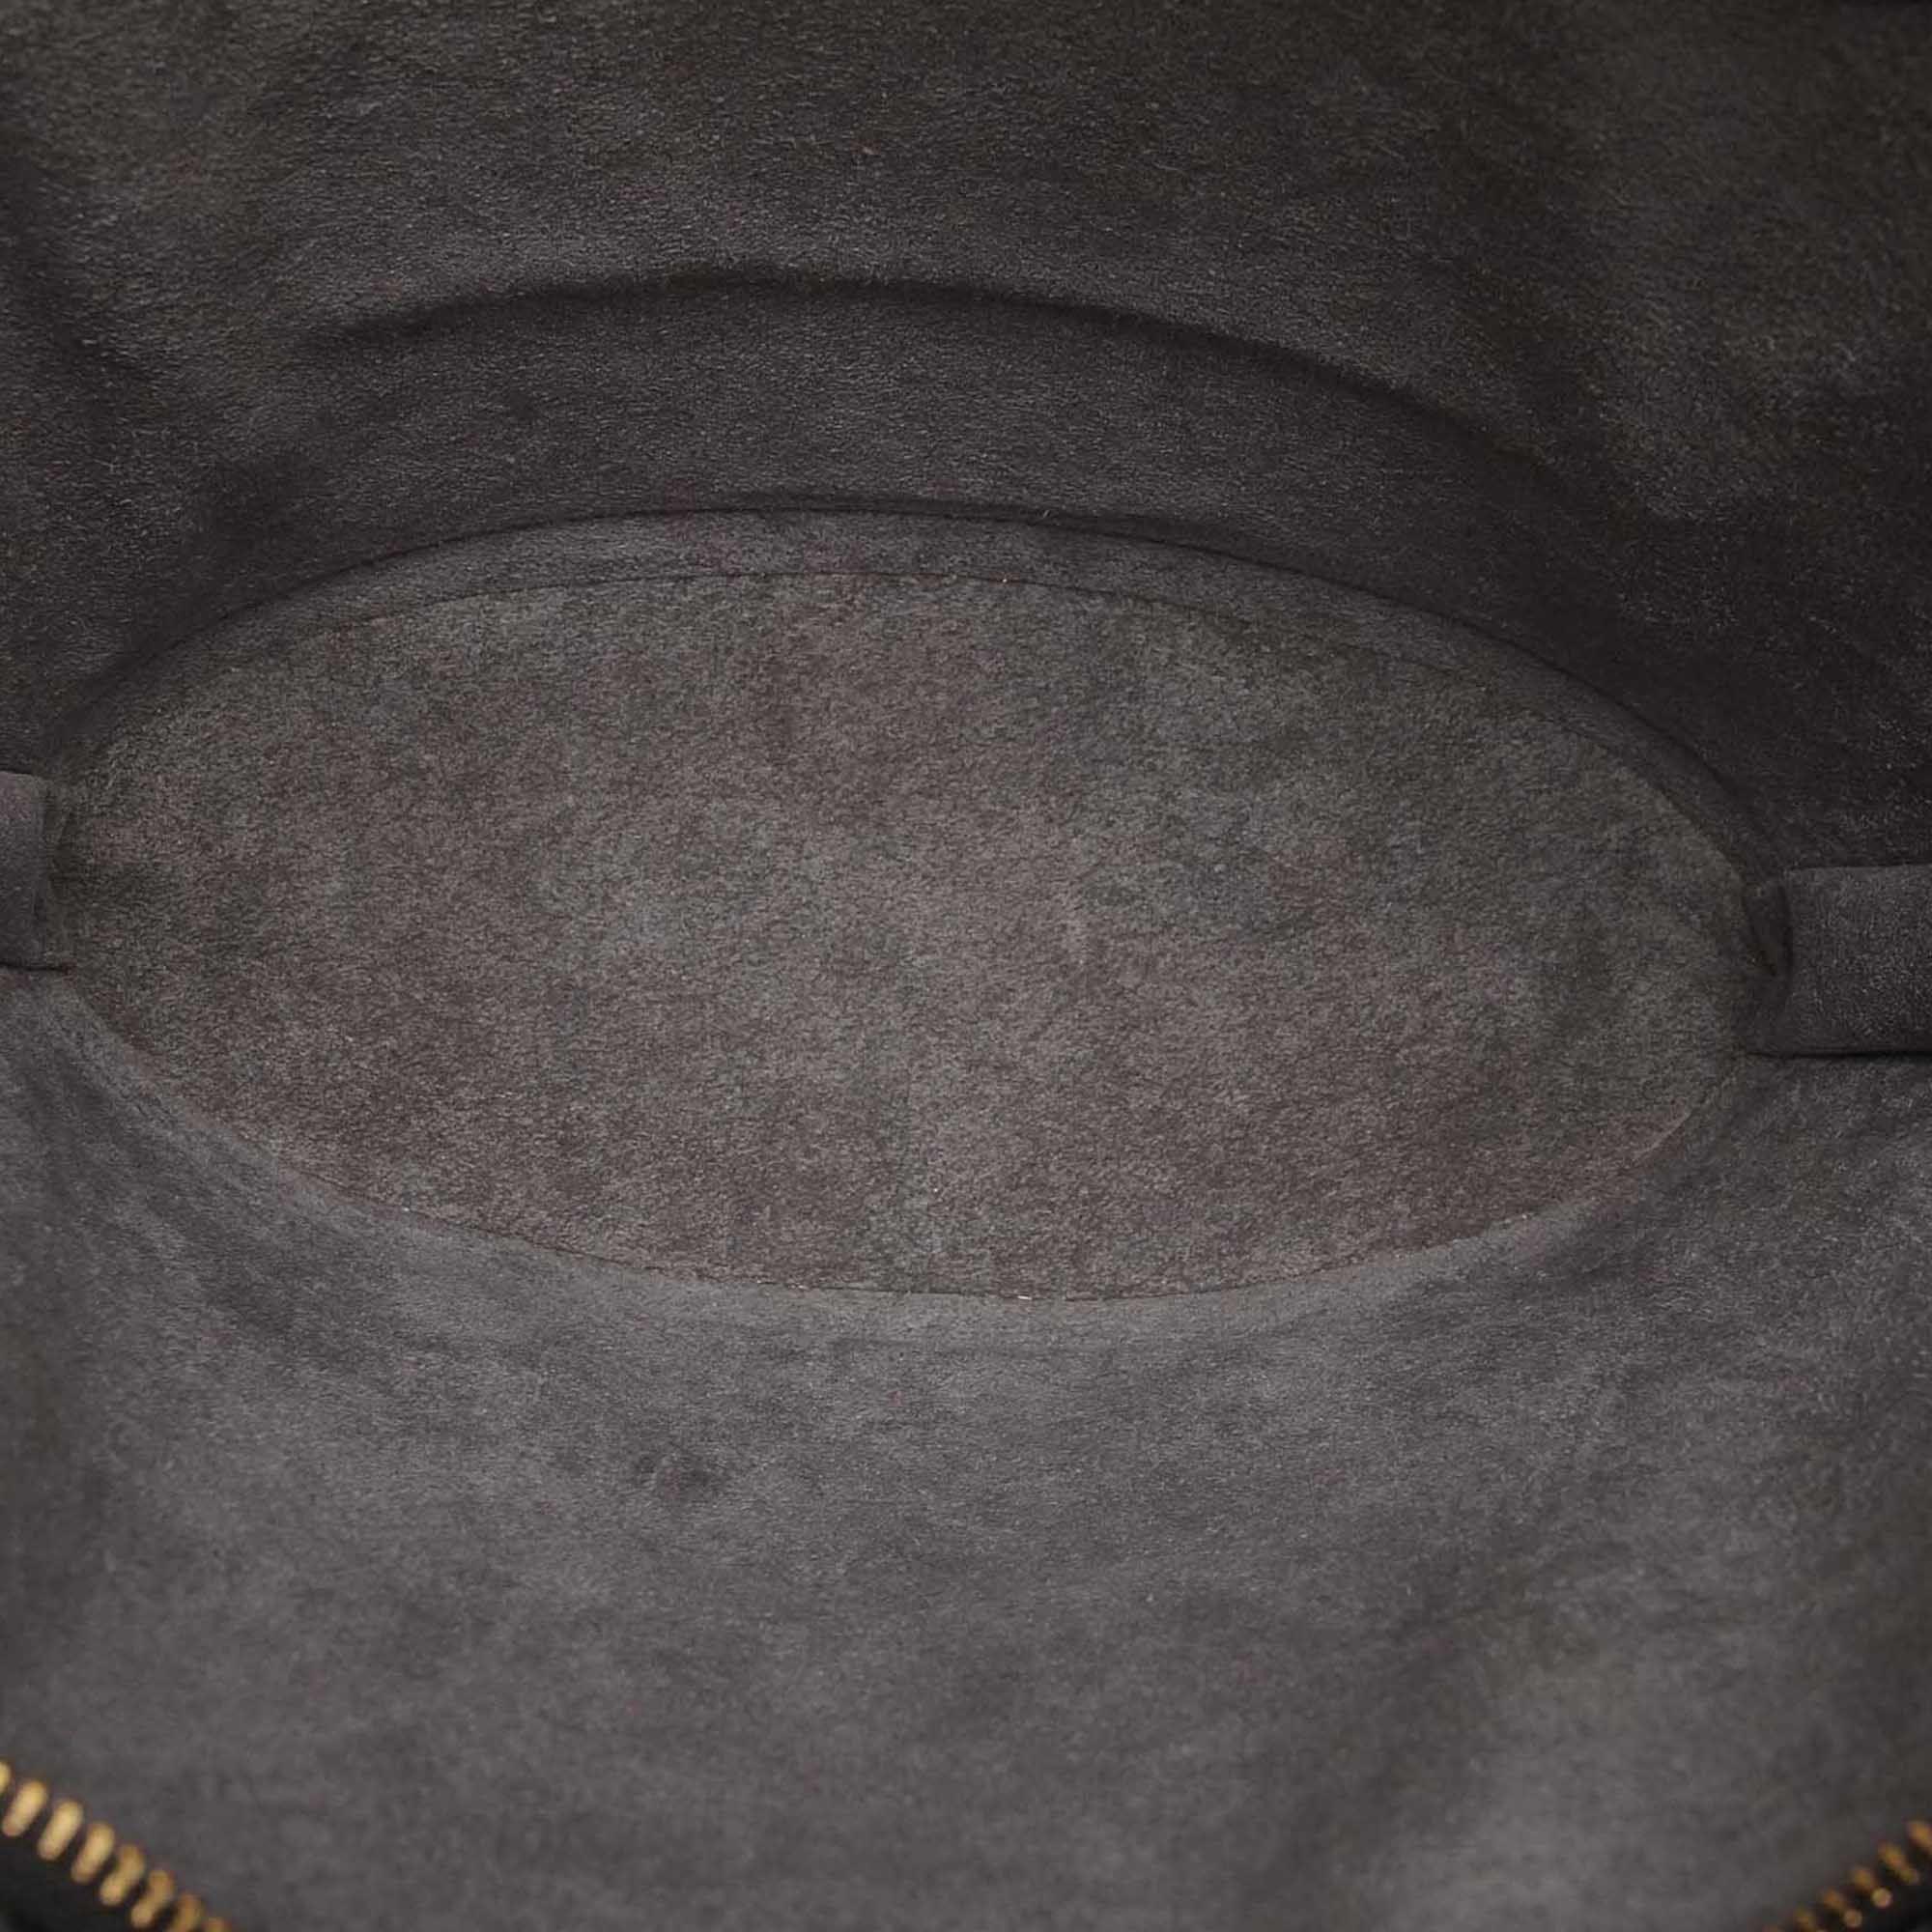 Vintage Louis Vuitton Epi Saint Jacques PM Short Strap Black